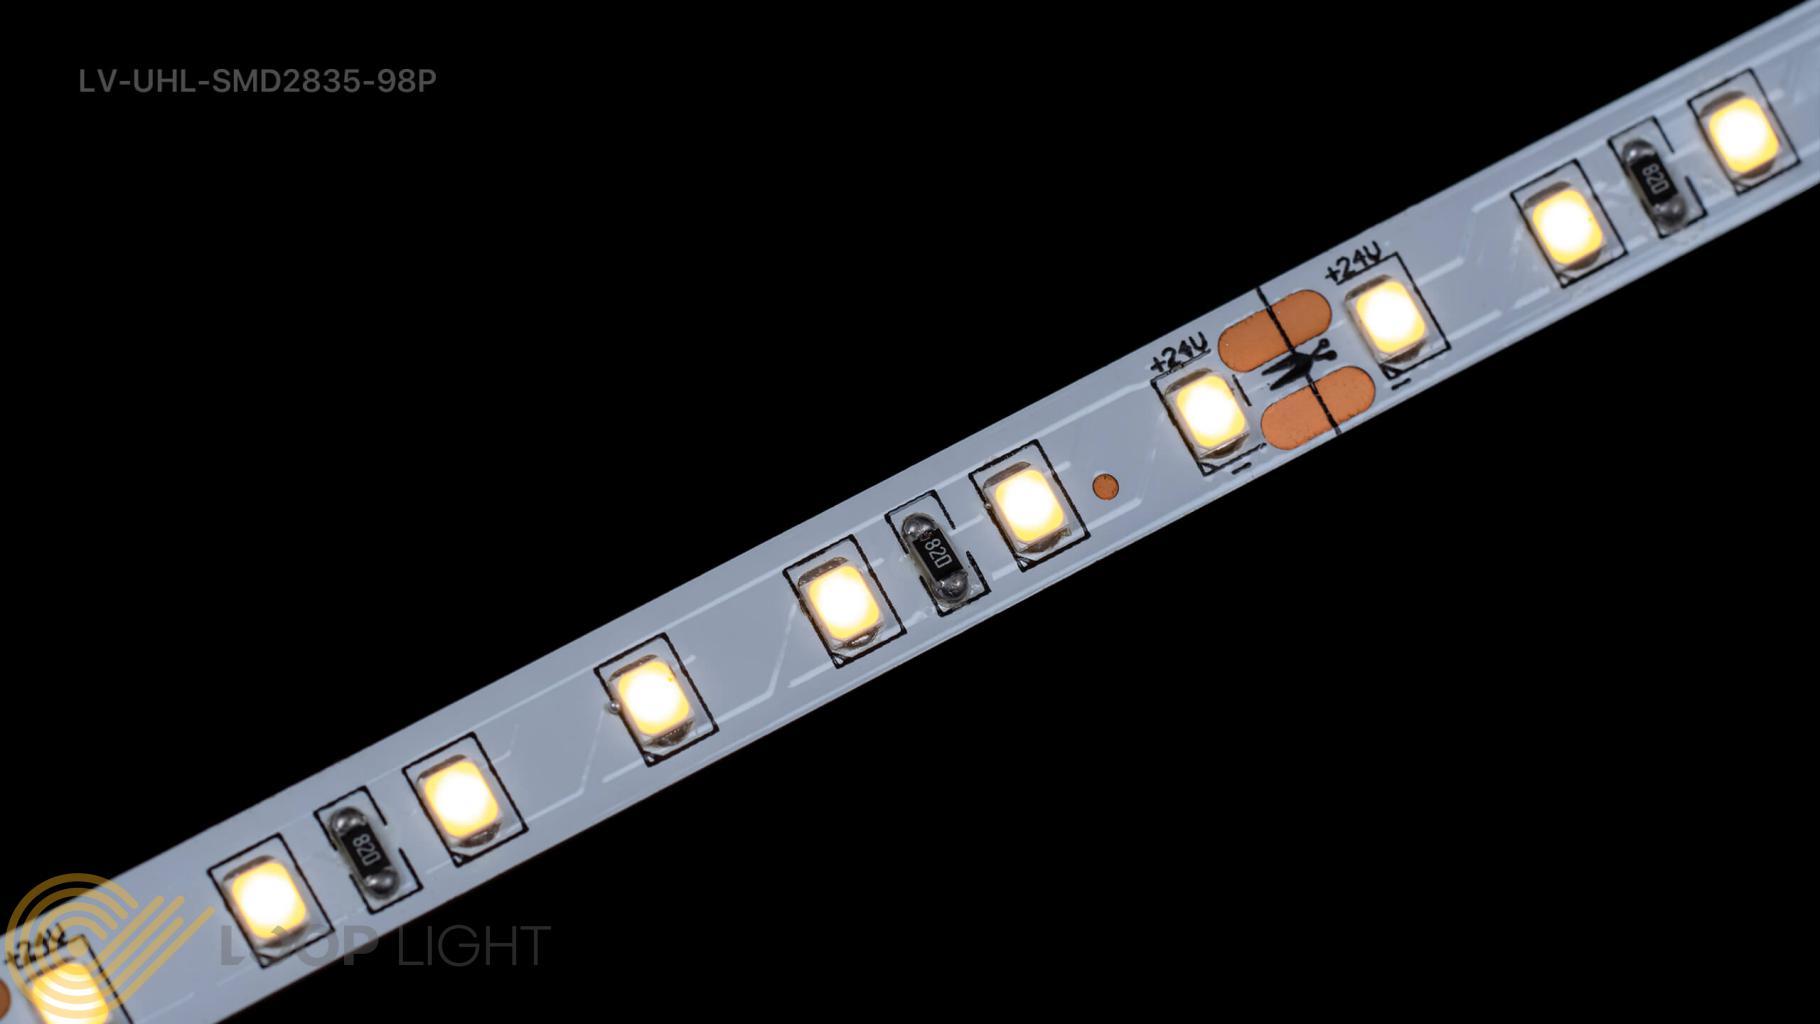 هالوژنی COB ، SMD و LED · فلورسنت و مهتابی · ریسه ... این ریسه SMD تک لاین با تراشه های ۲۸۳۵ تولید شده است